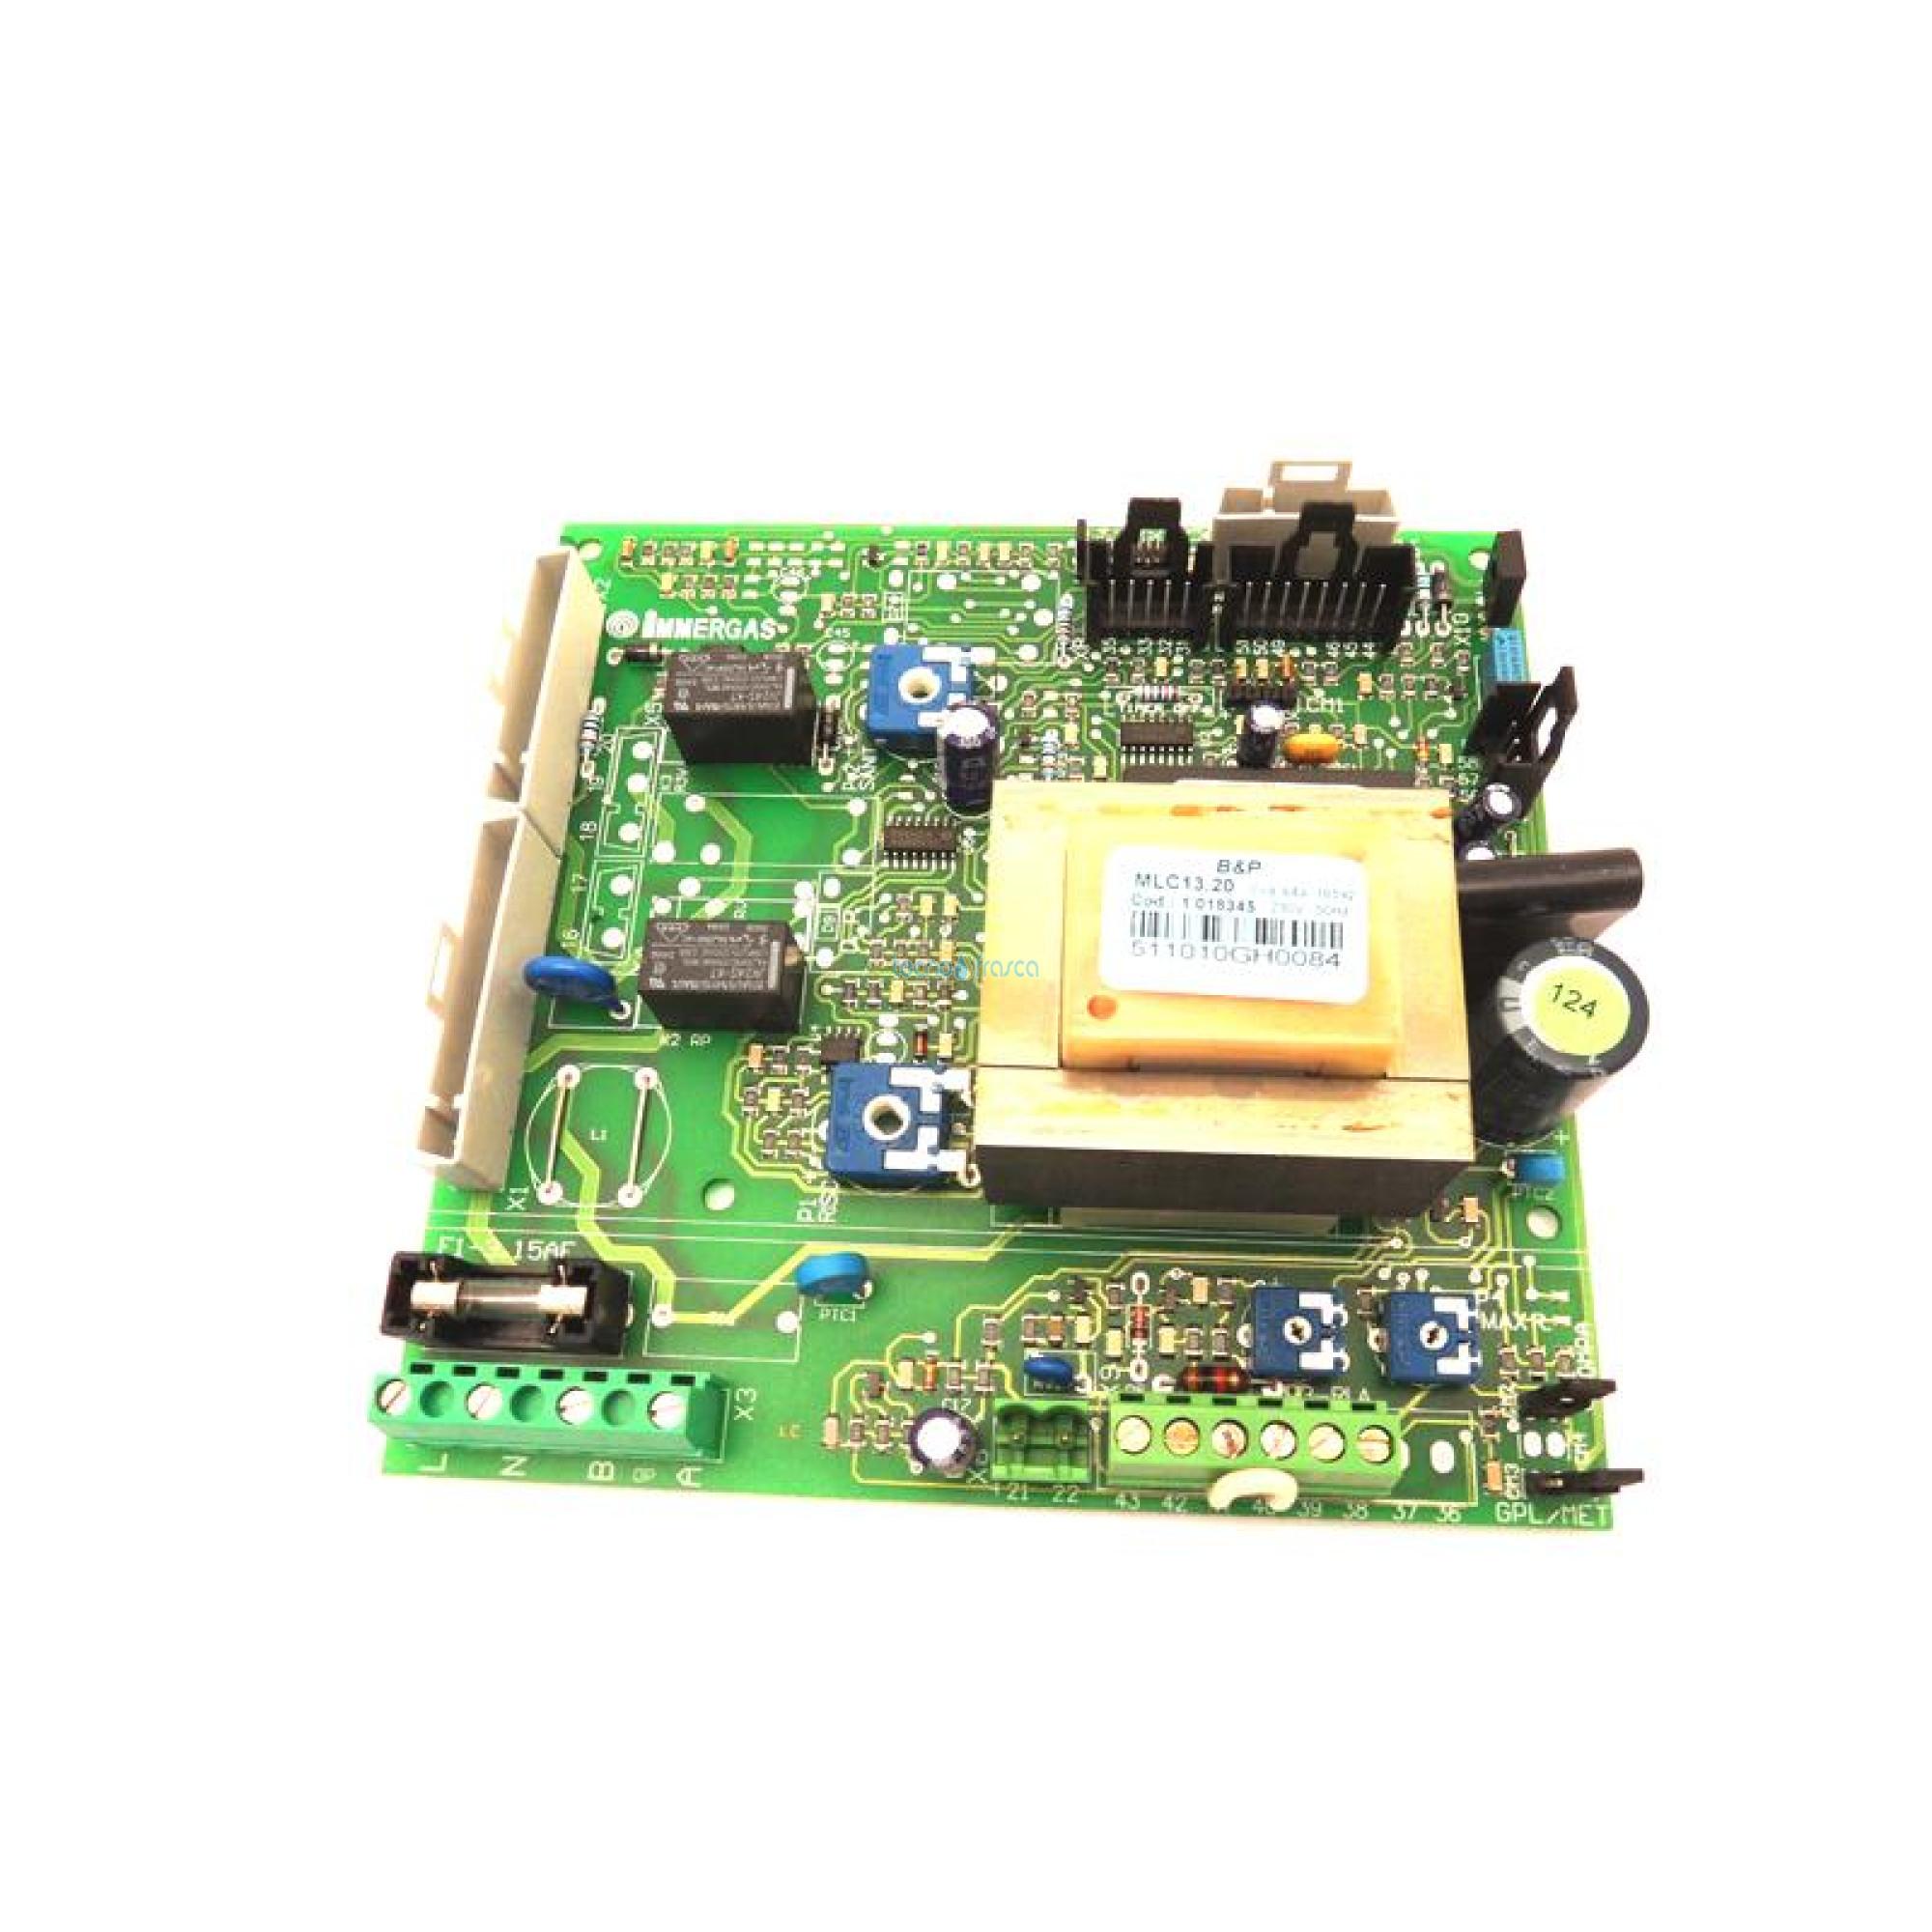 Immergas scheda di modulazione b&p nike superior extra1.018345